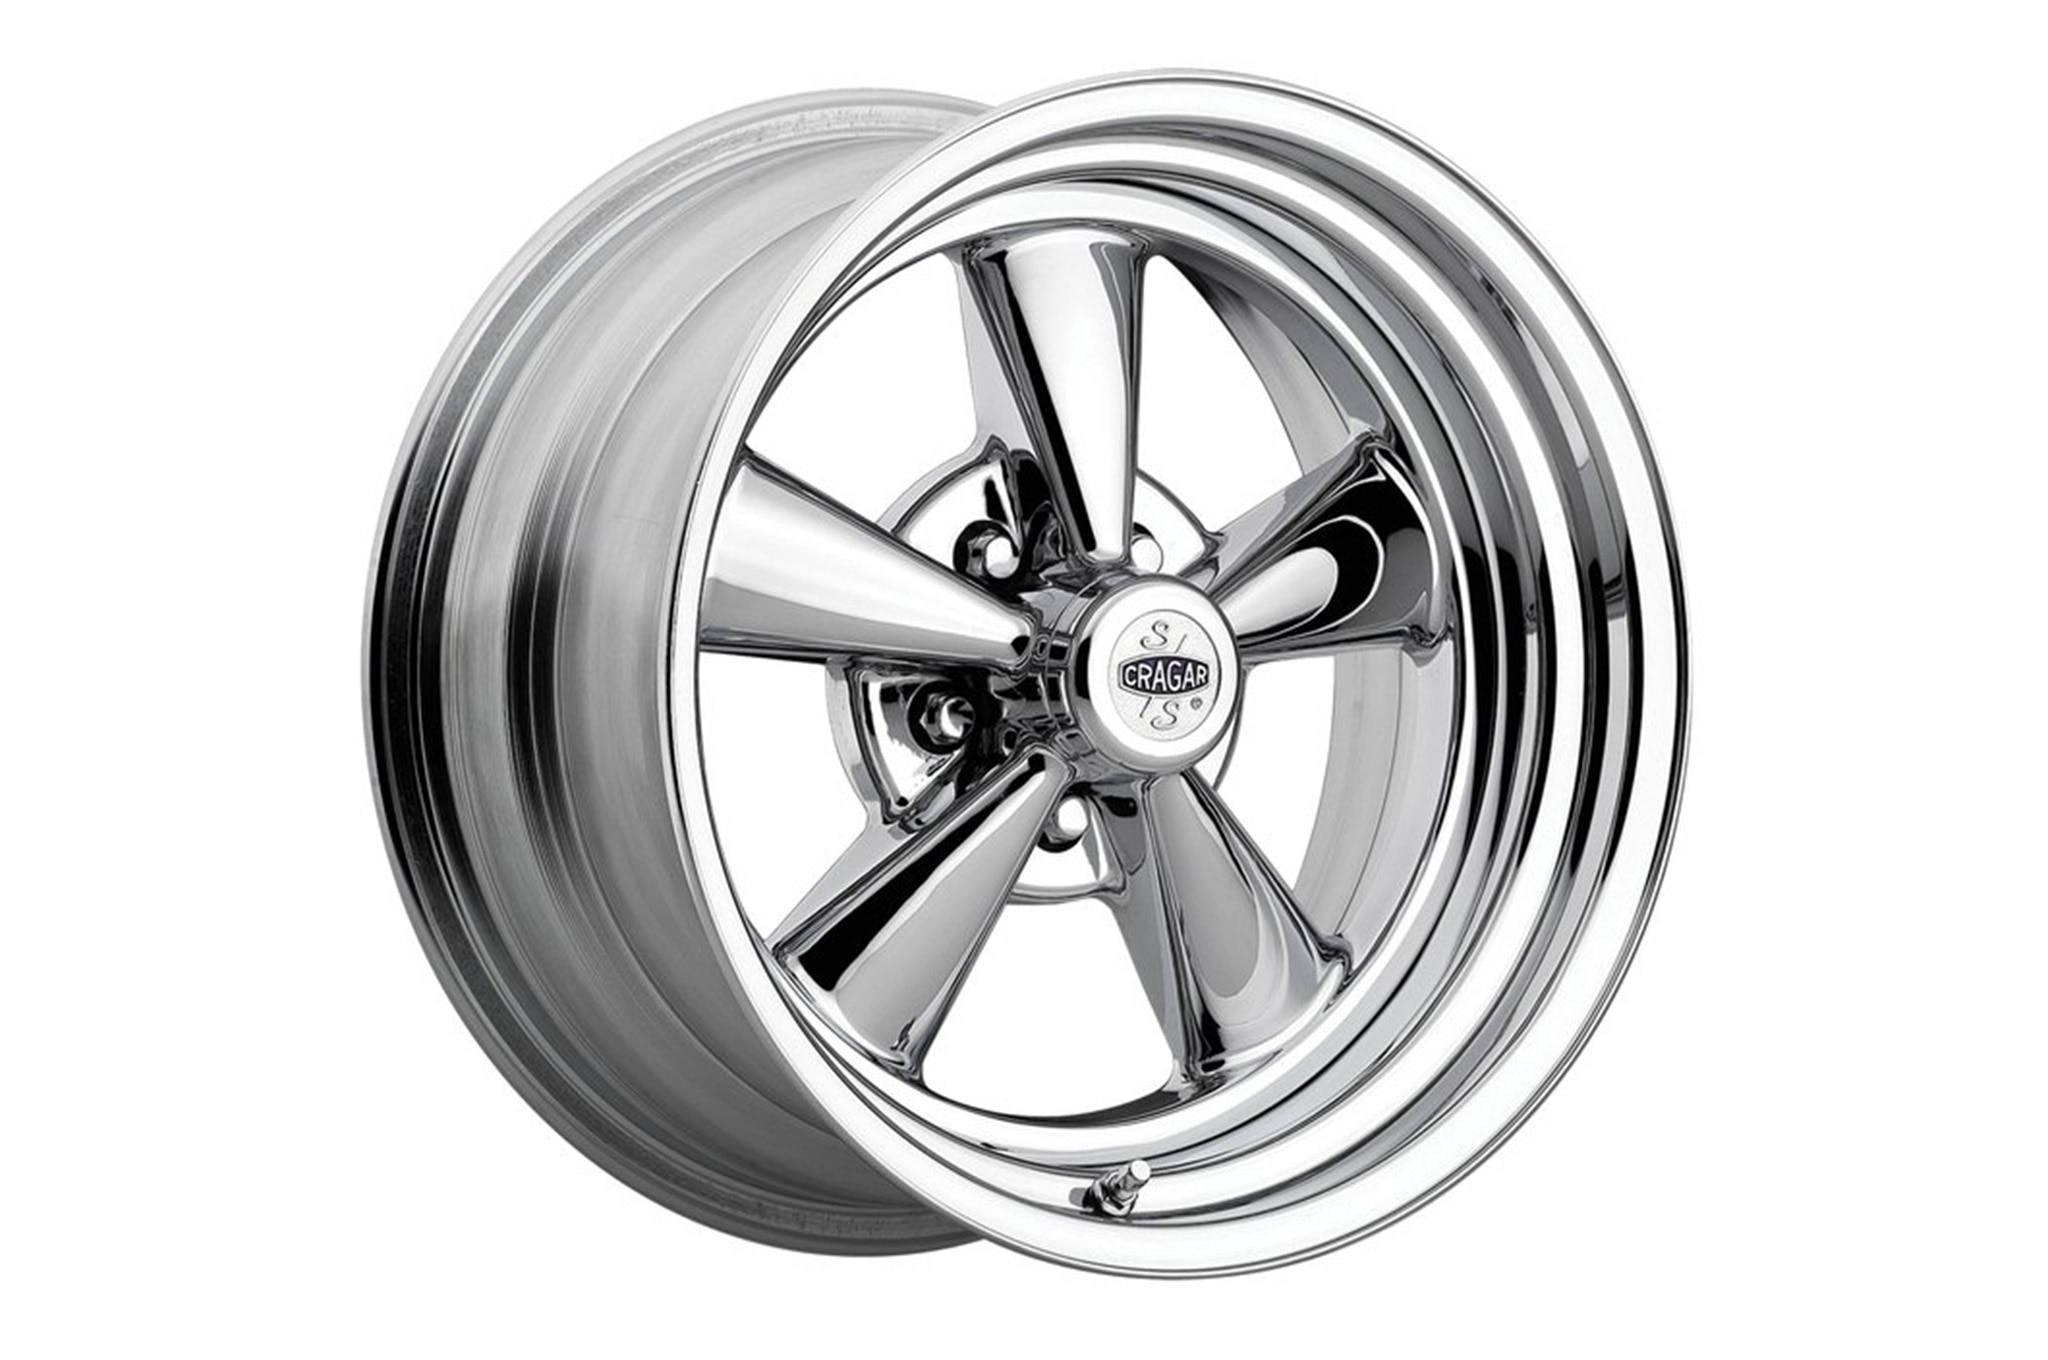 Cragar Ss Wheel